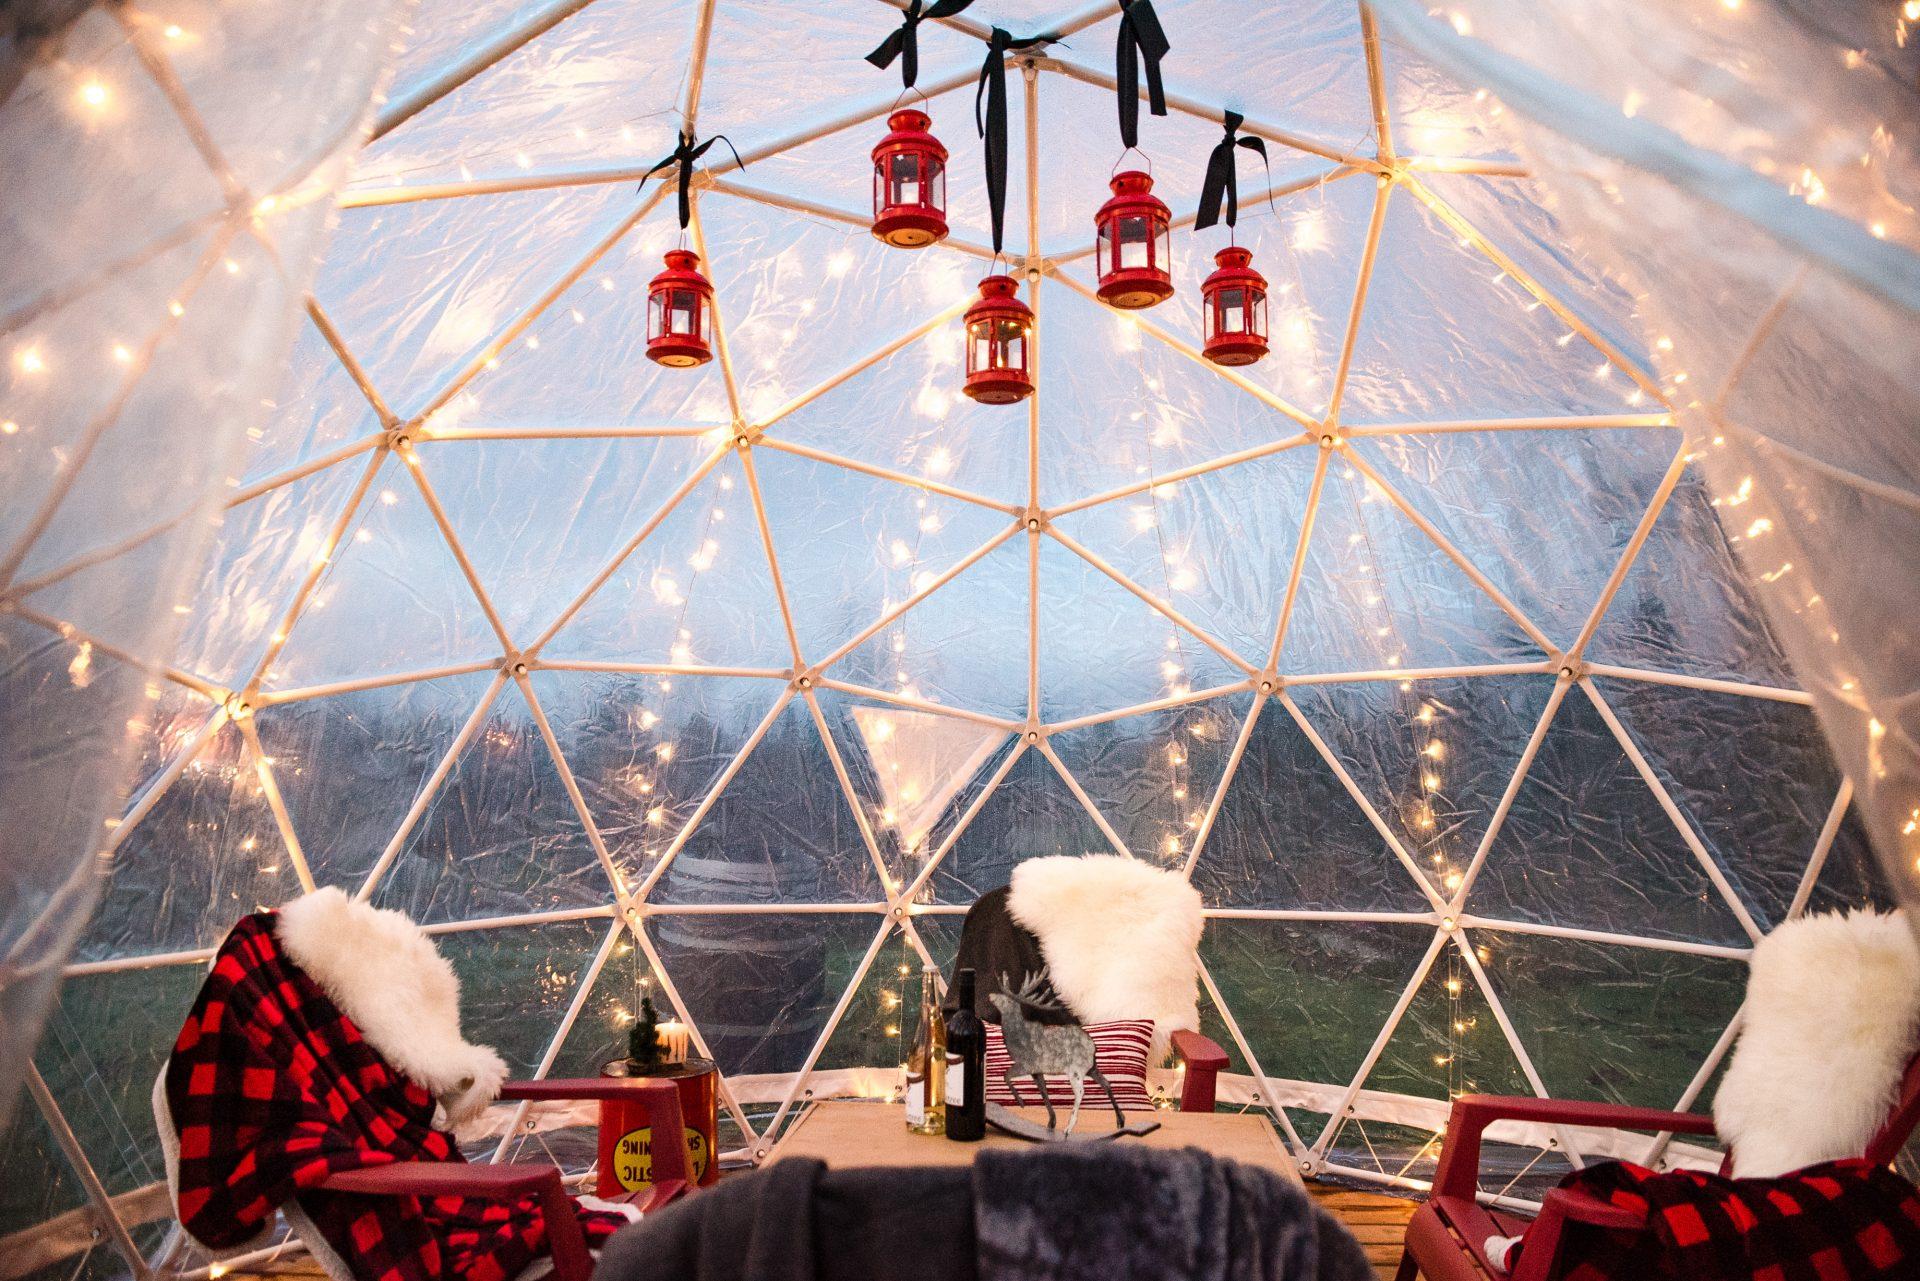 Abbotsford wine dome